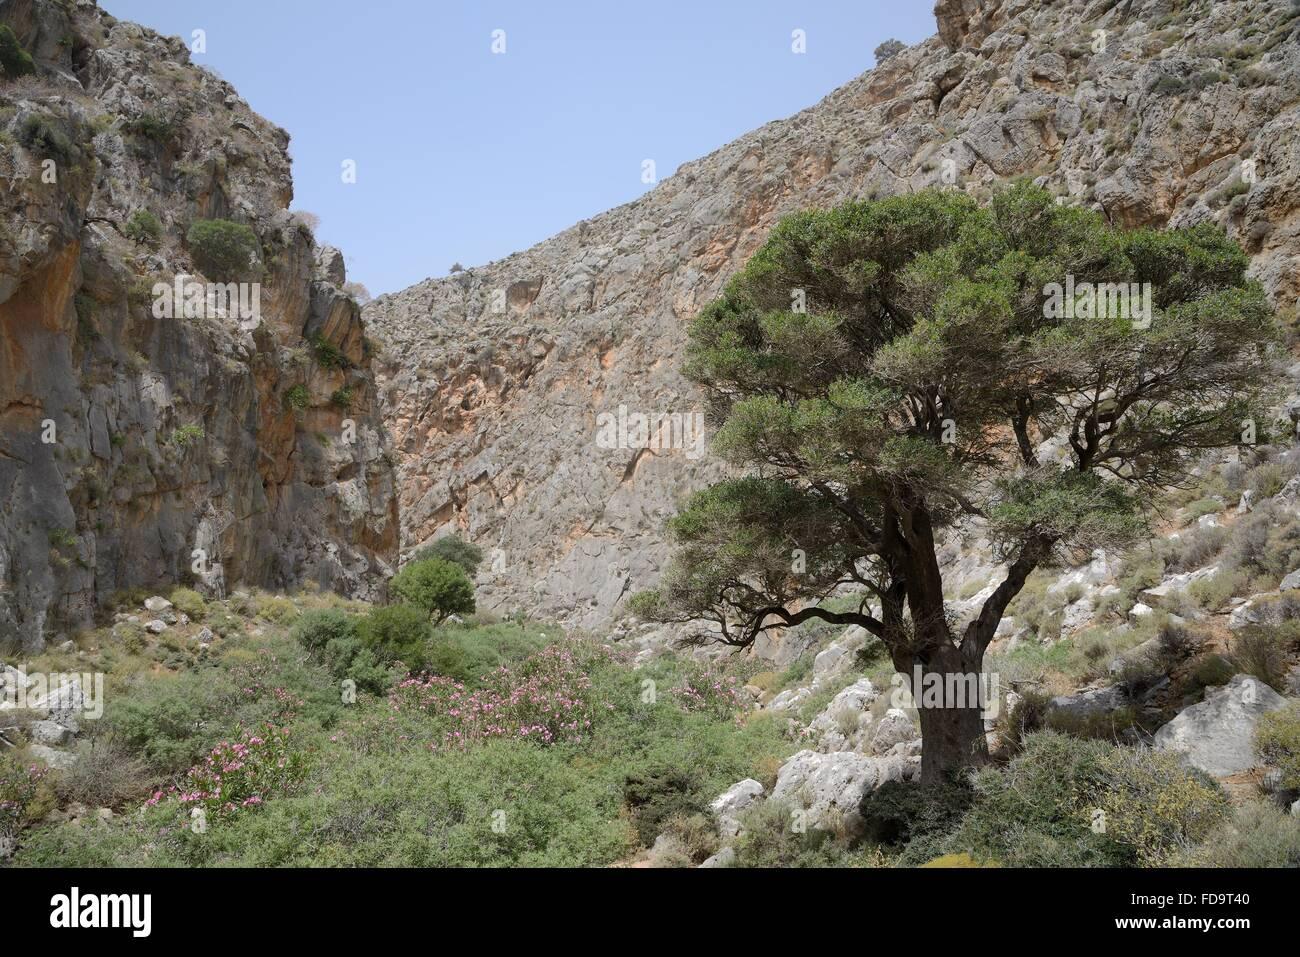 Vieil olivier (Olea europaea) et la floraison de lauriers ...